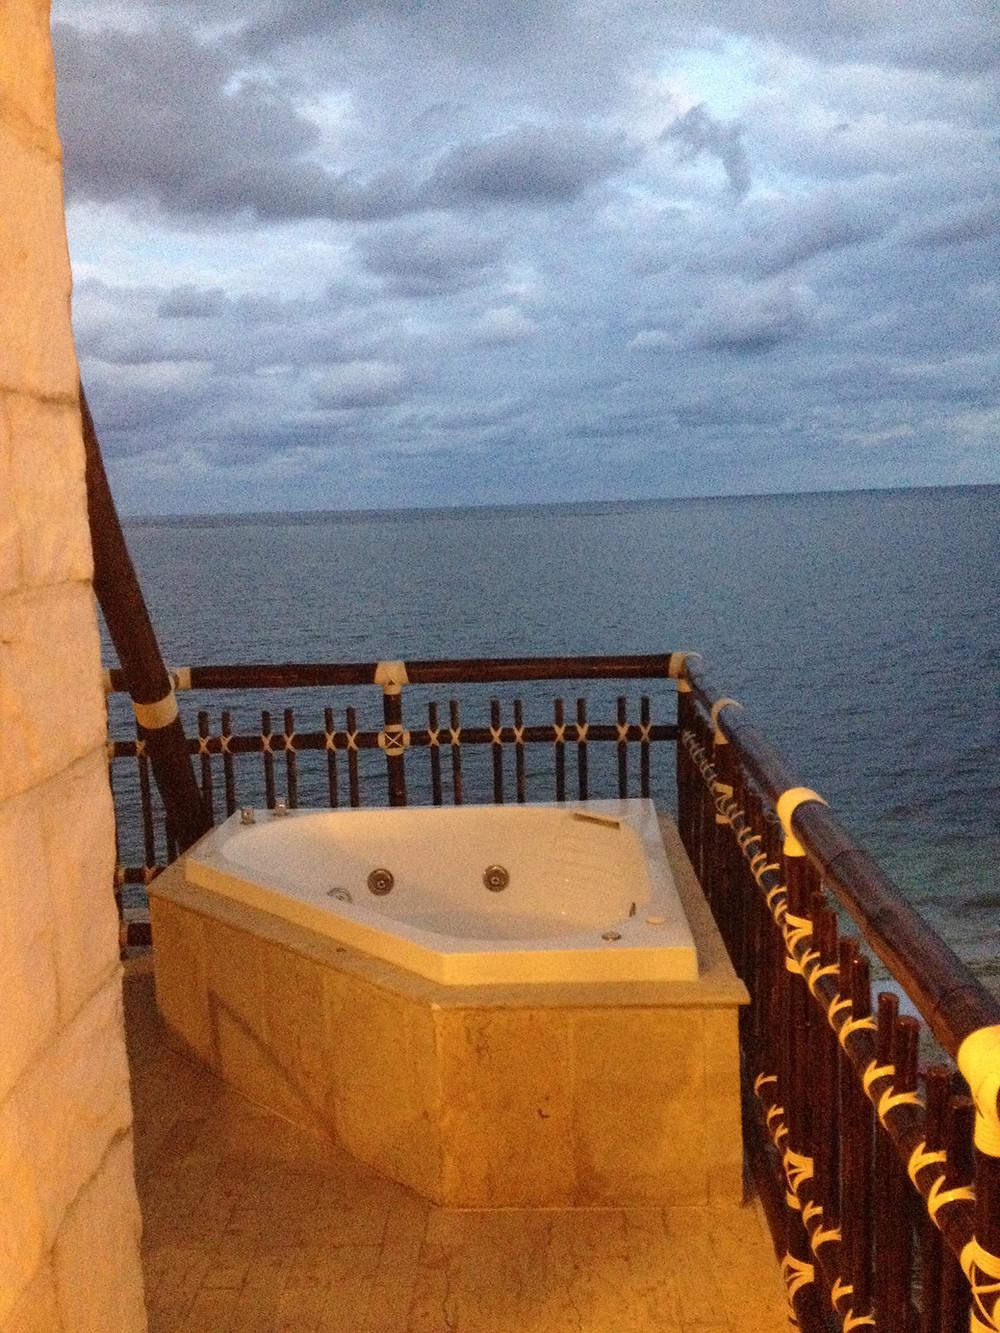 Ocean front Jacuzzi